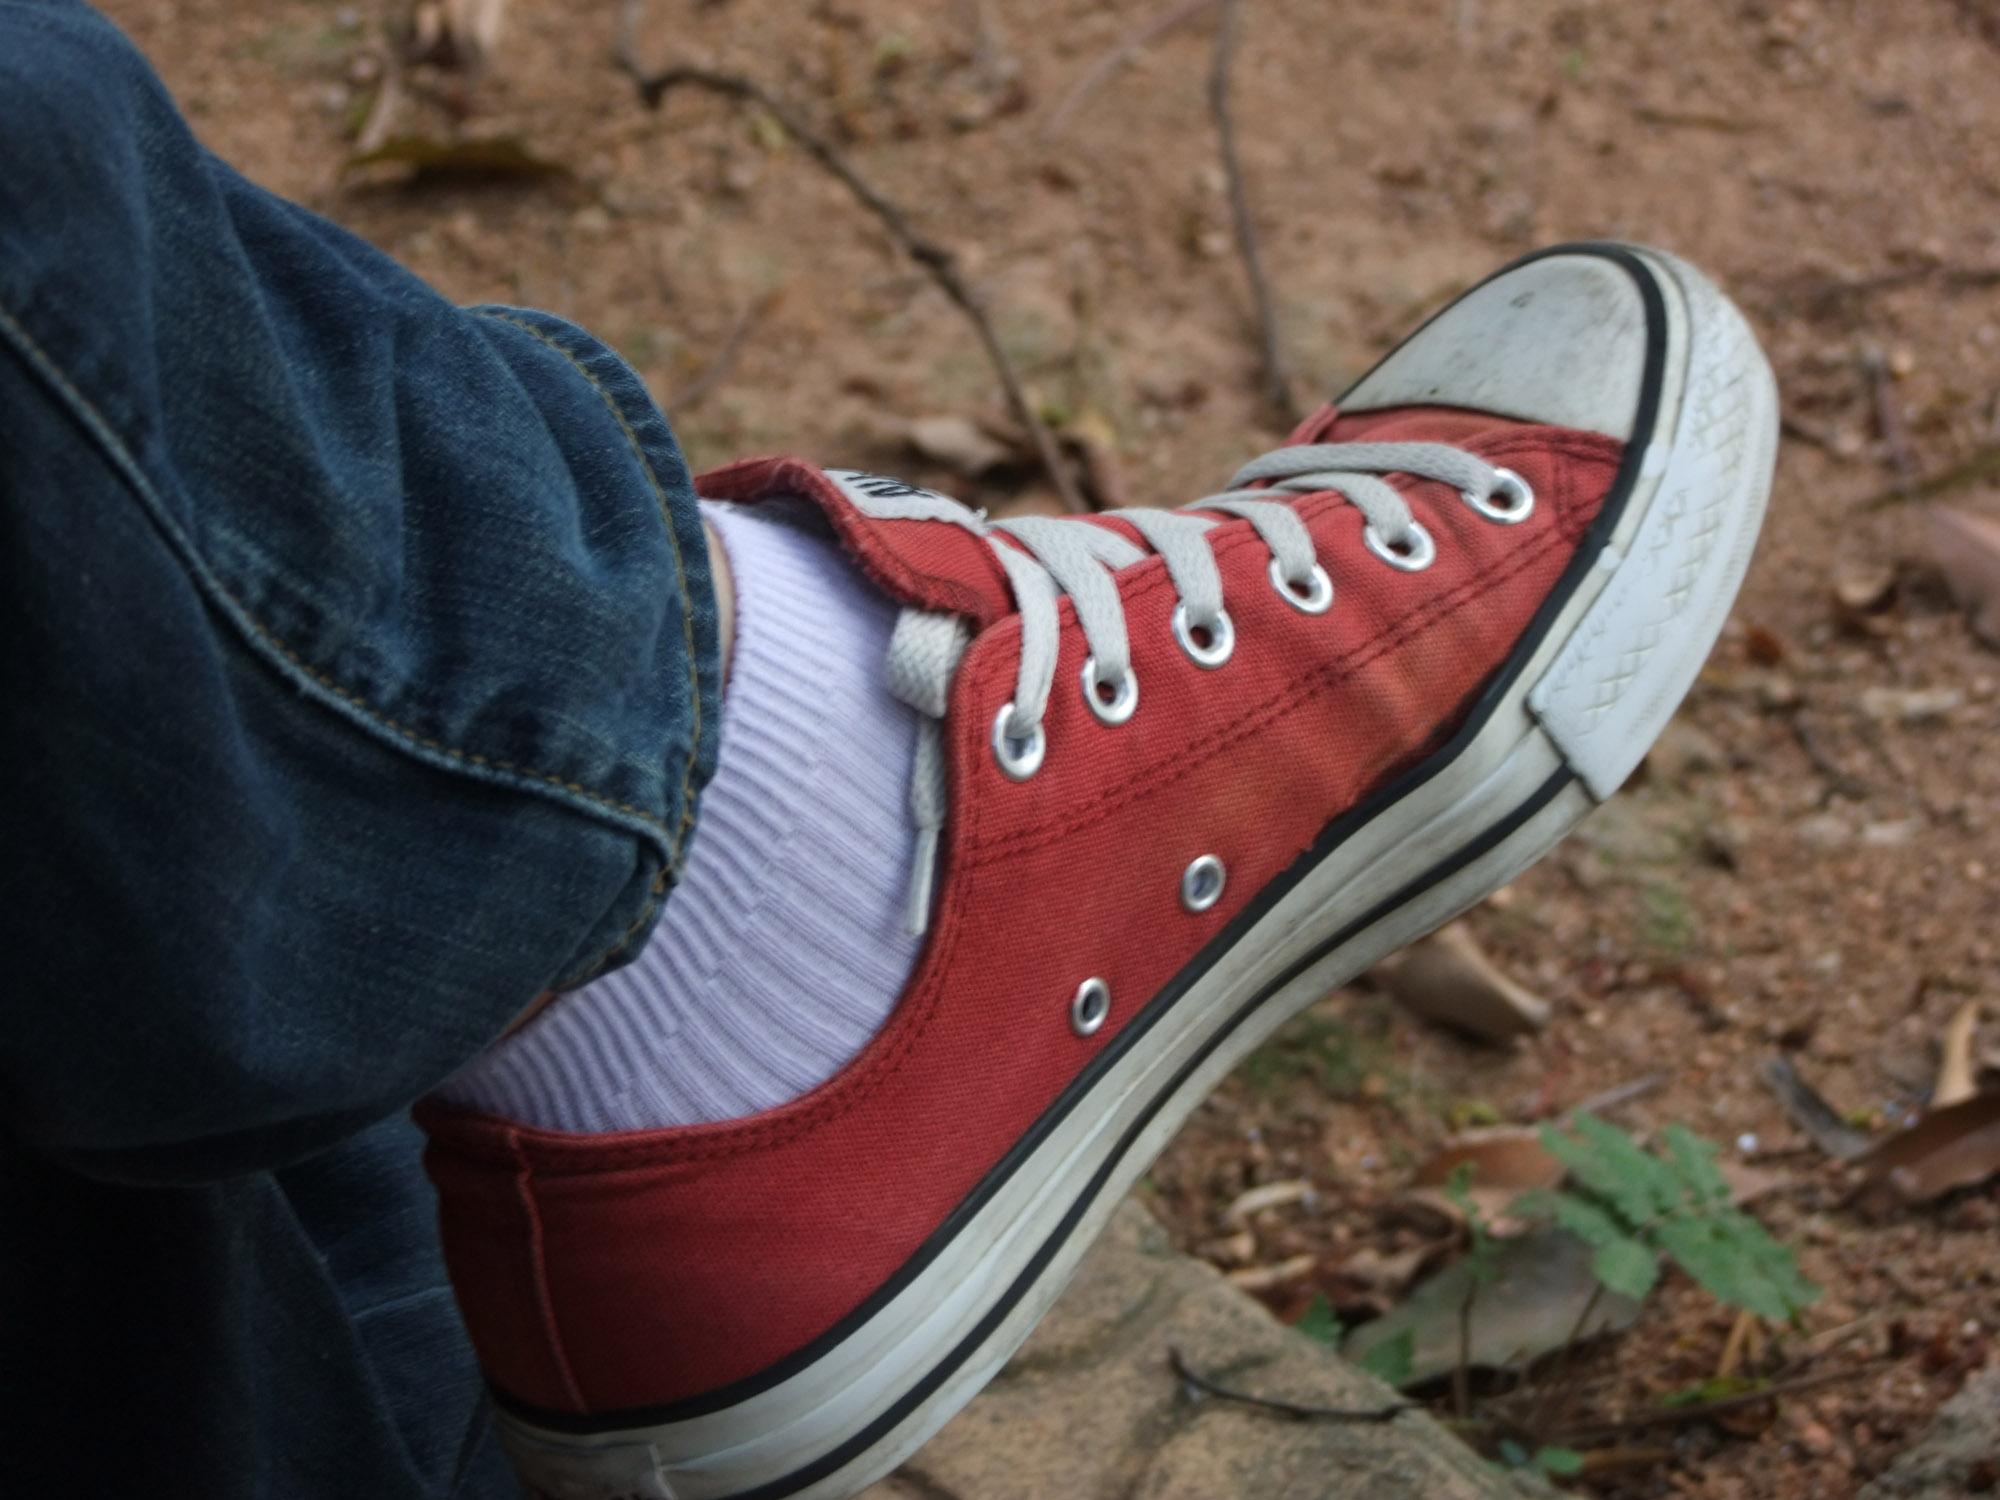 纯白白袜也可以 超爱板鞋帆布鞋